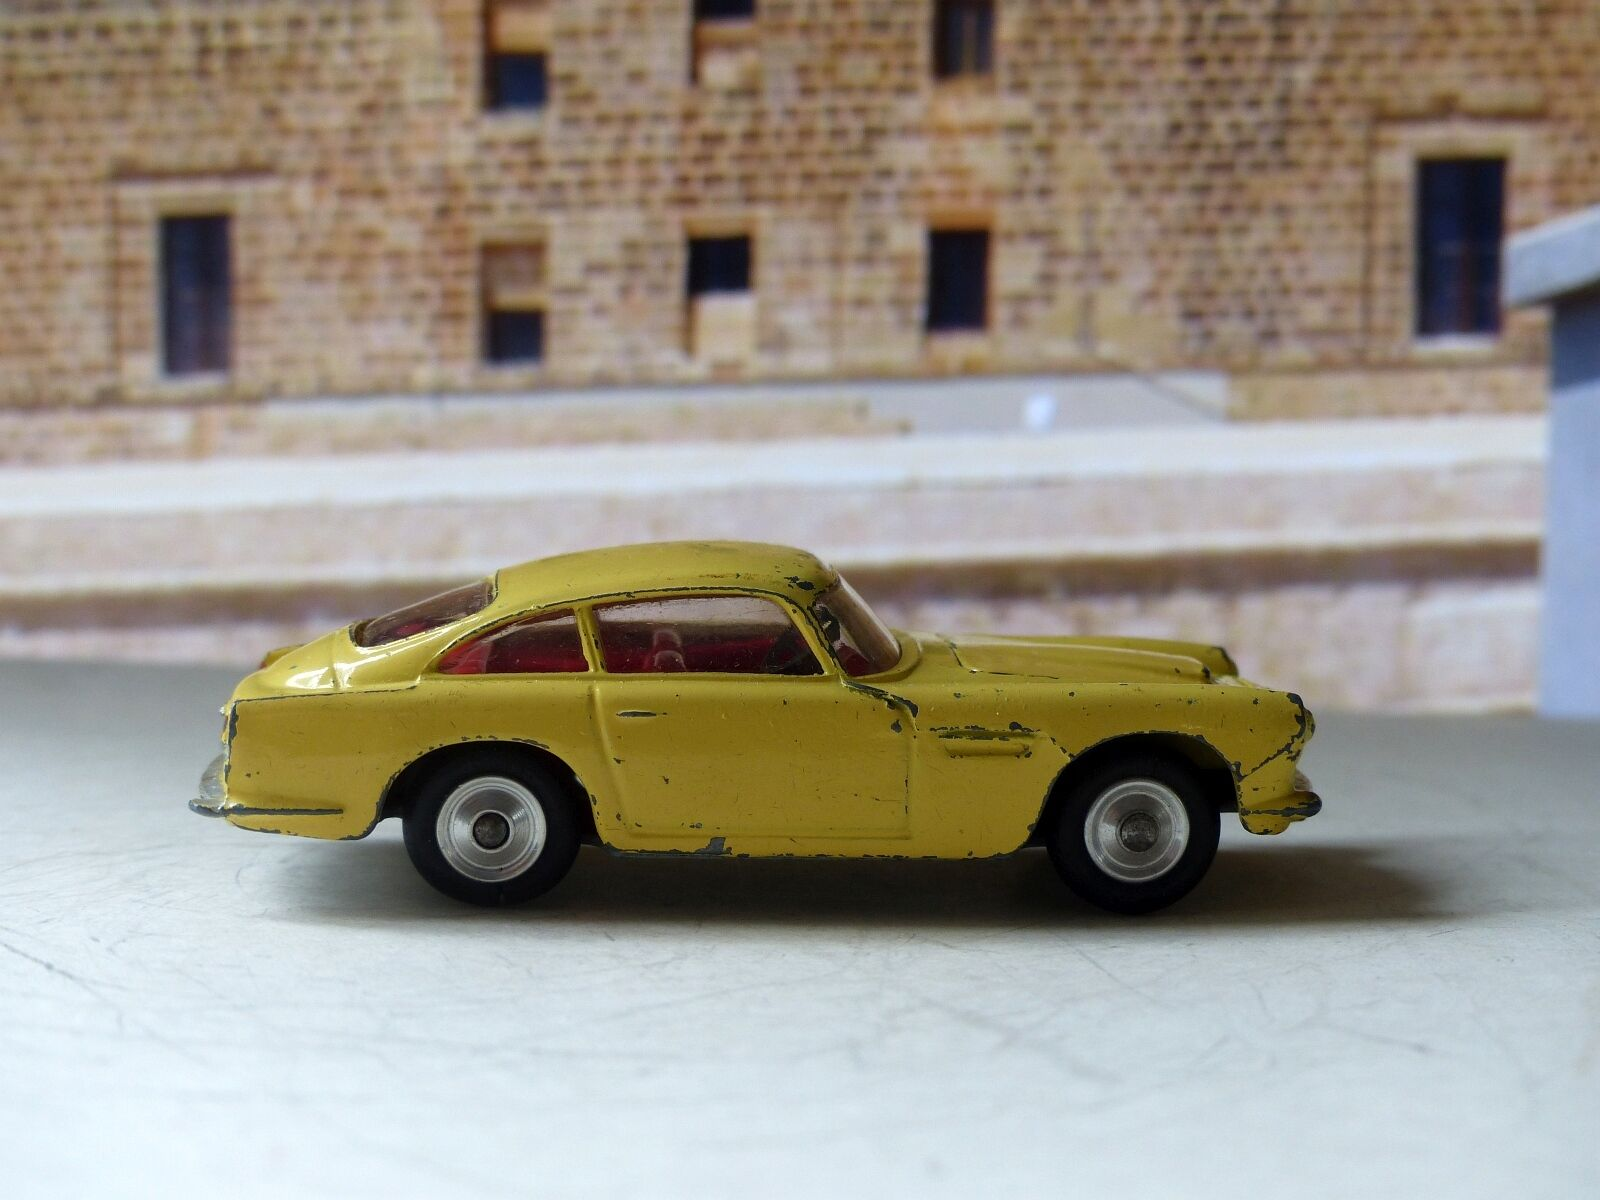 gran selección y entrega rápida Corgi Juguetes Juguetes Juguetes 218 Aston Martin DB4 amarillo con libre Ruedas giratorias (1)  salida